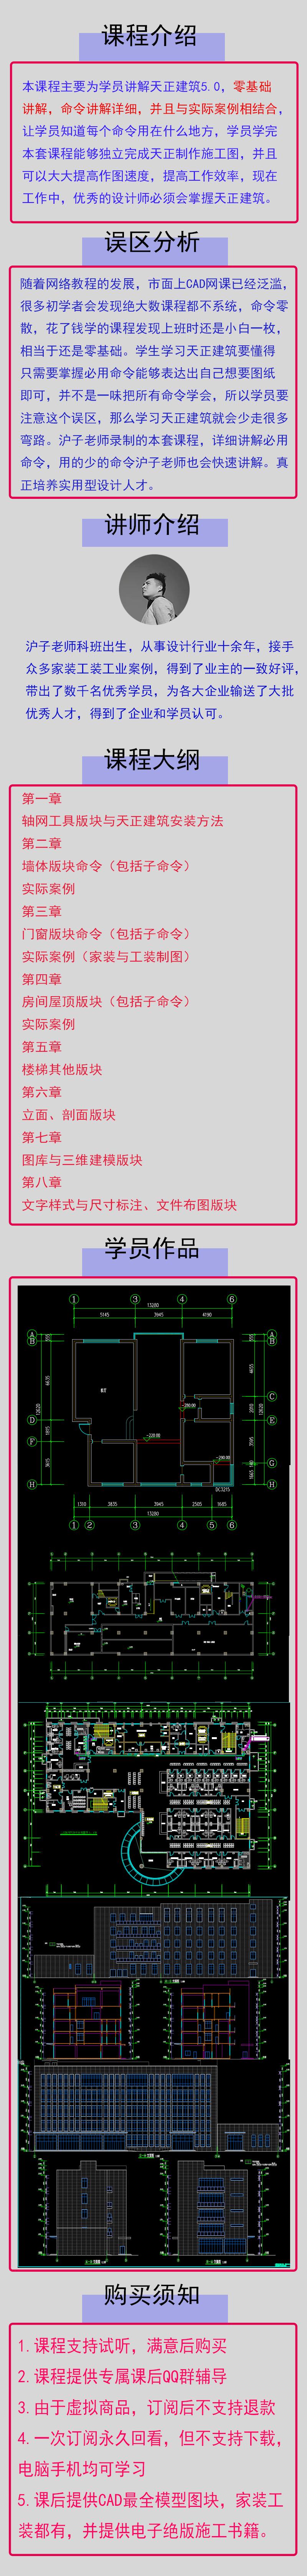 天正建筑T20V5.0从入门到精通视频教程